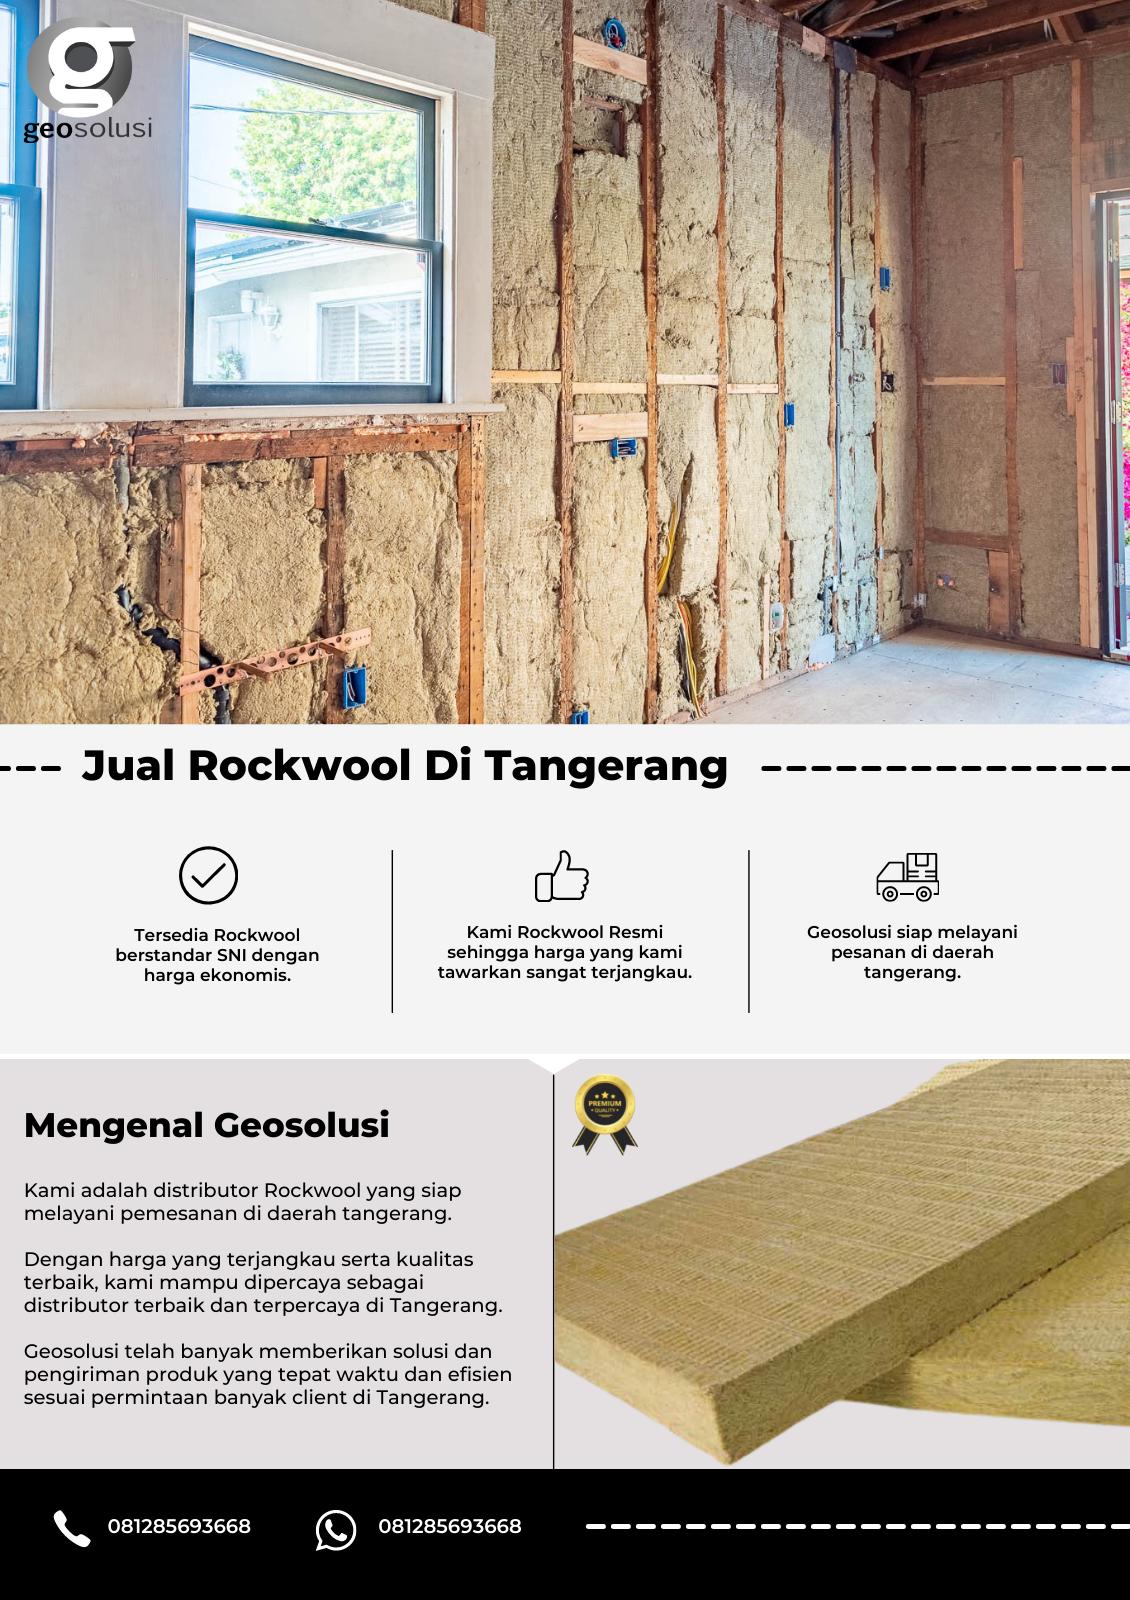 Jual Rockwool Tangerang, Distributor Indonesia